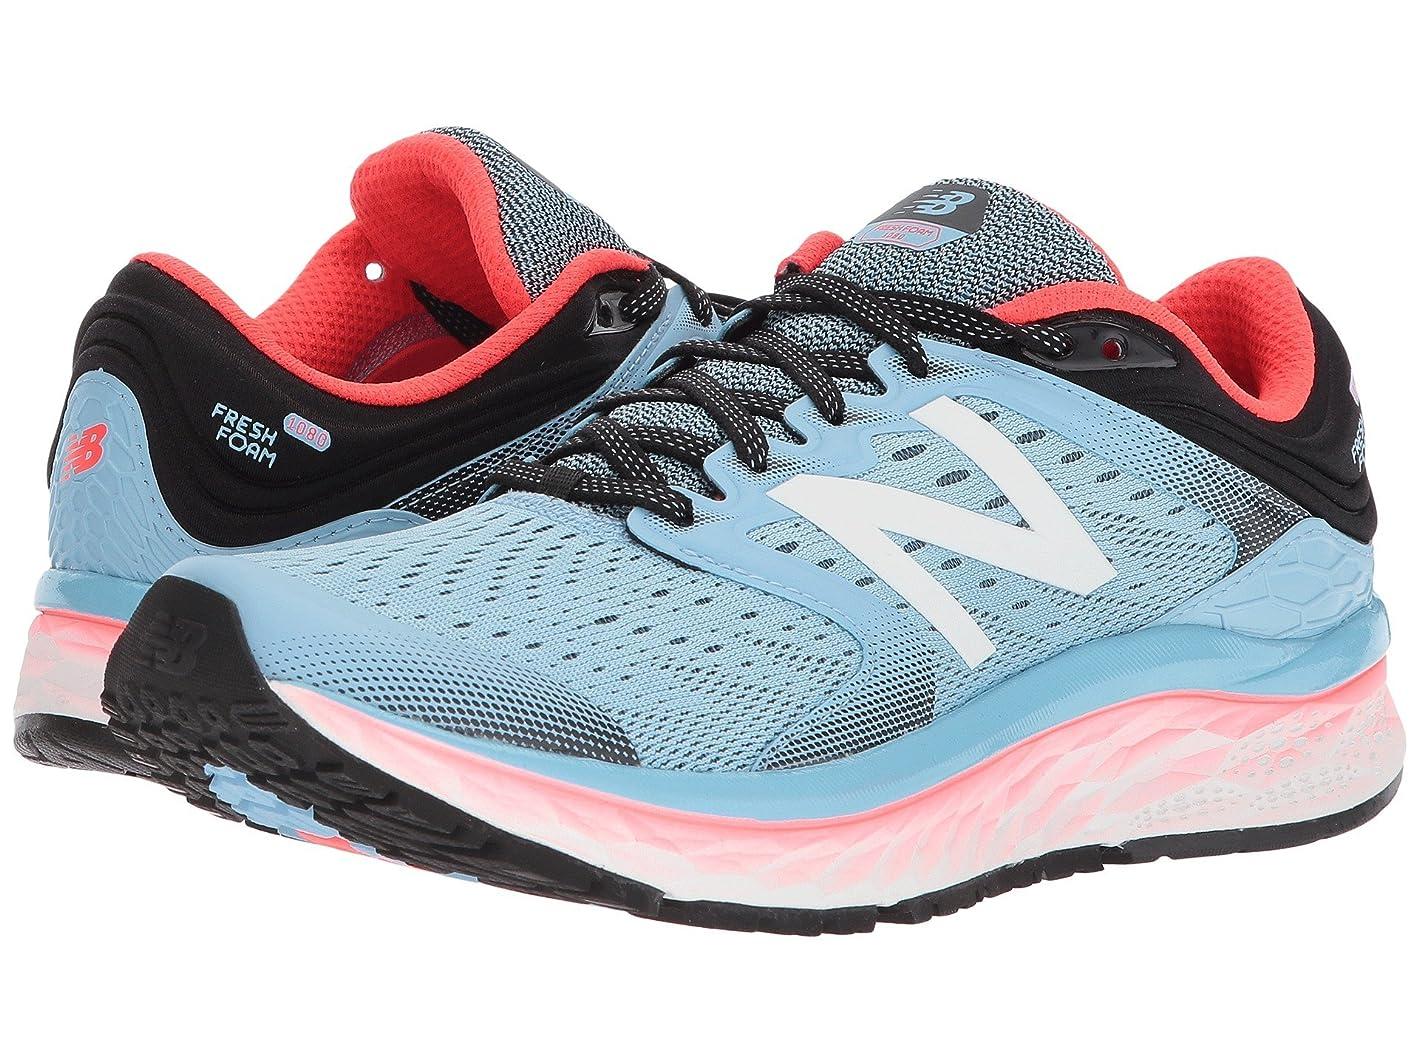 壁紙オピエート悪性の(ニューバランス) New Balance レディースランニングシューズ?スニーカー?靴 Fresh Foam 1080v8 Clear Sky/Vivid Coral/Black 11.5 (28.5cm) 2A - Narrow